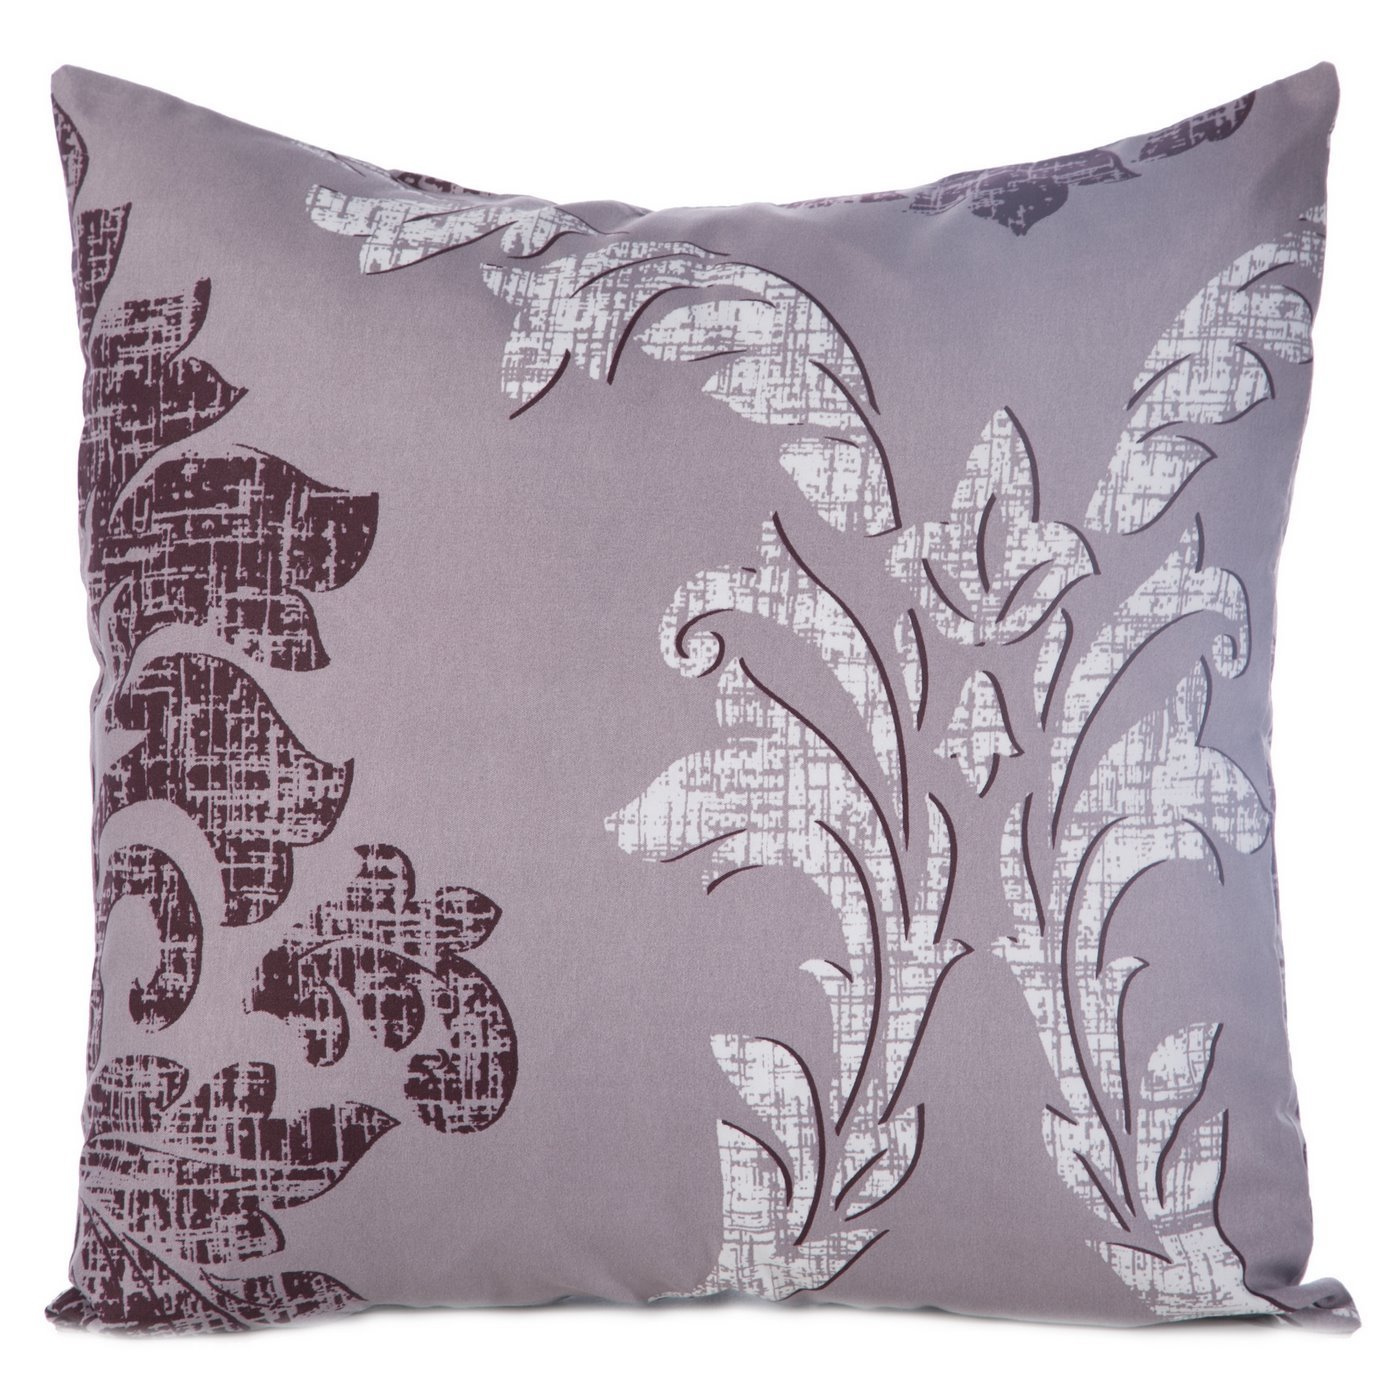 Poszewka na poduszkę biała z ornamentowym wzorem 40 x 40 cm